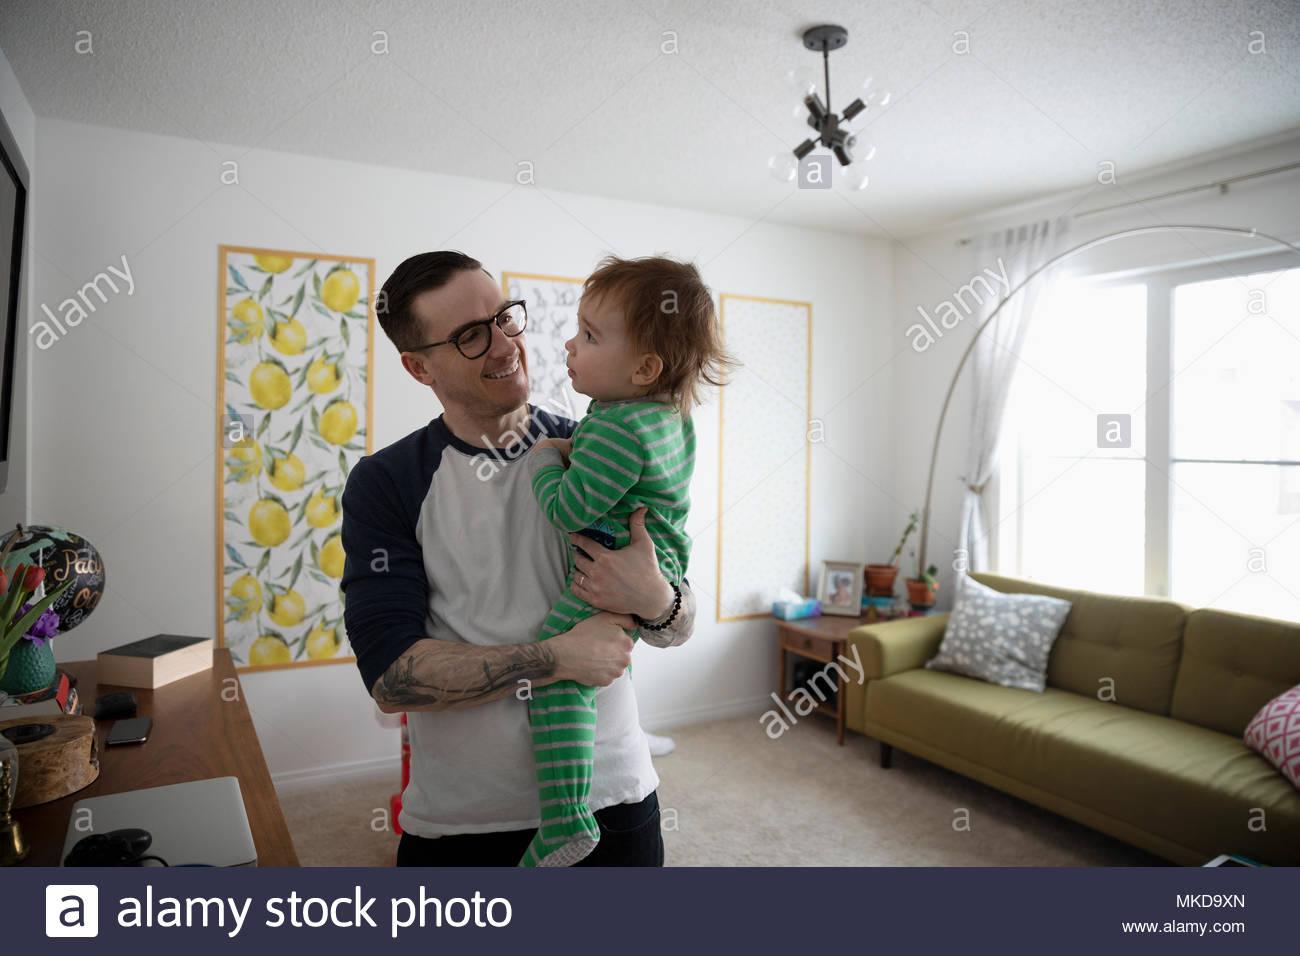 Vater Holding baby Sohn im Wohnzimmer Stockbild